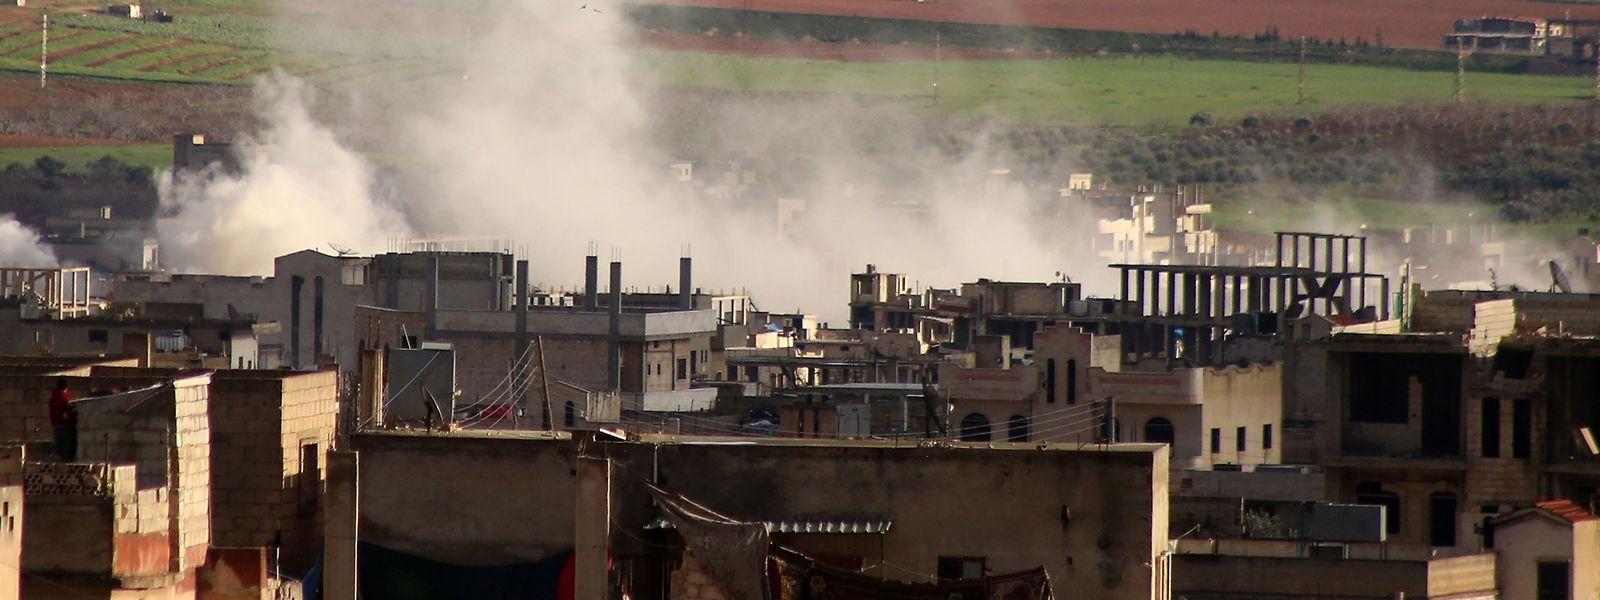 Rauch über Khan Sheikhun in der Idlib Provinz, die in Rebellenhand ist: Für Experten ist das Ende des Konflikts in Syrien noch fern.